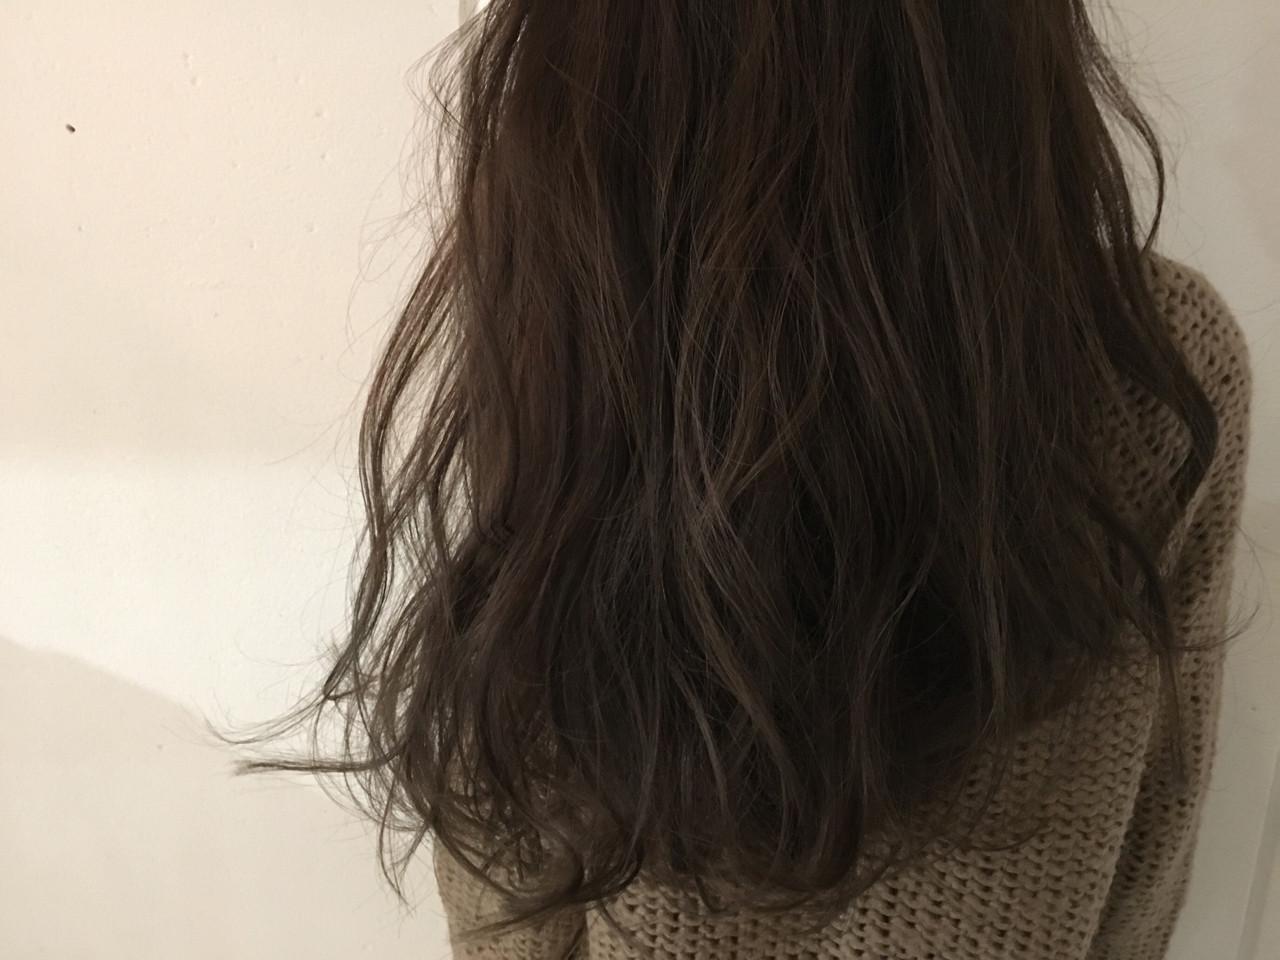 セミロング ナチュラル グラデーションカラー 外国人風 ヘアスタイルや髪型の写真・画像